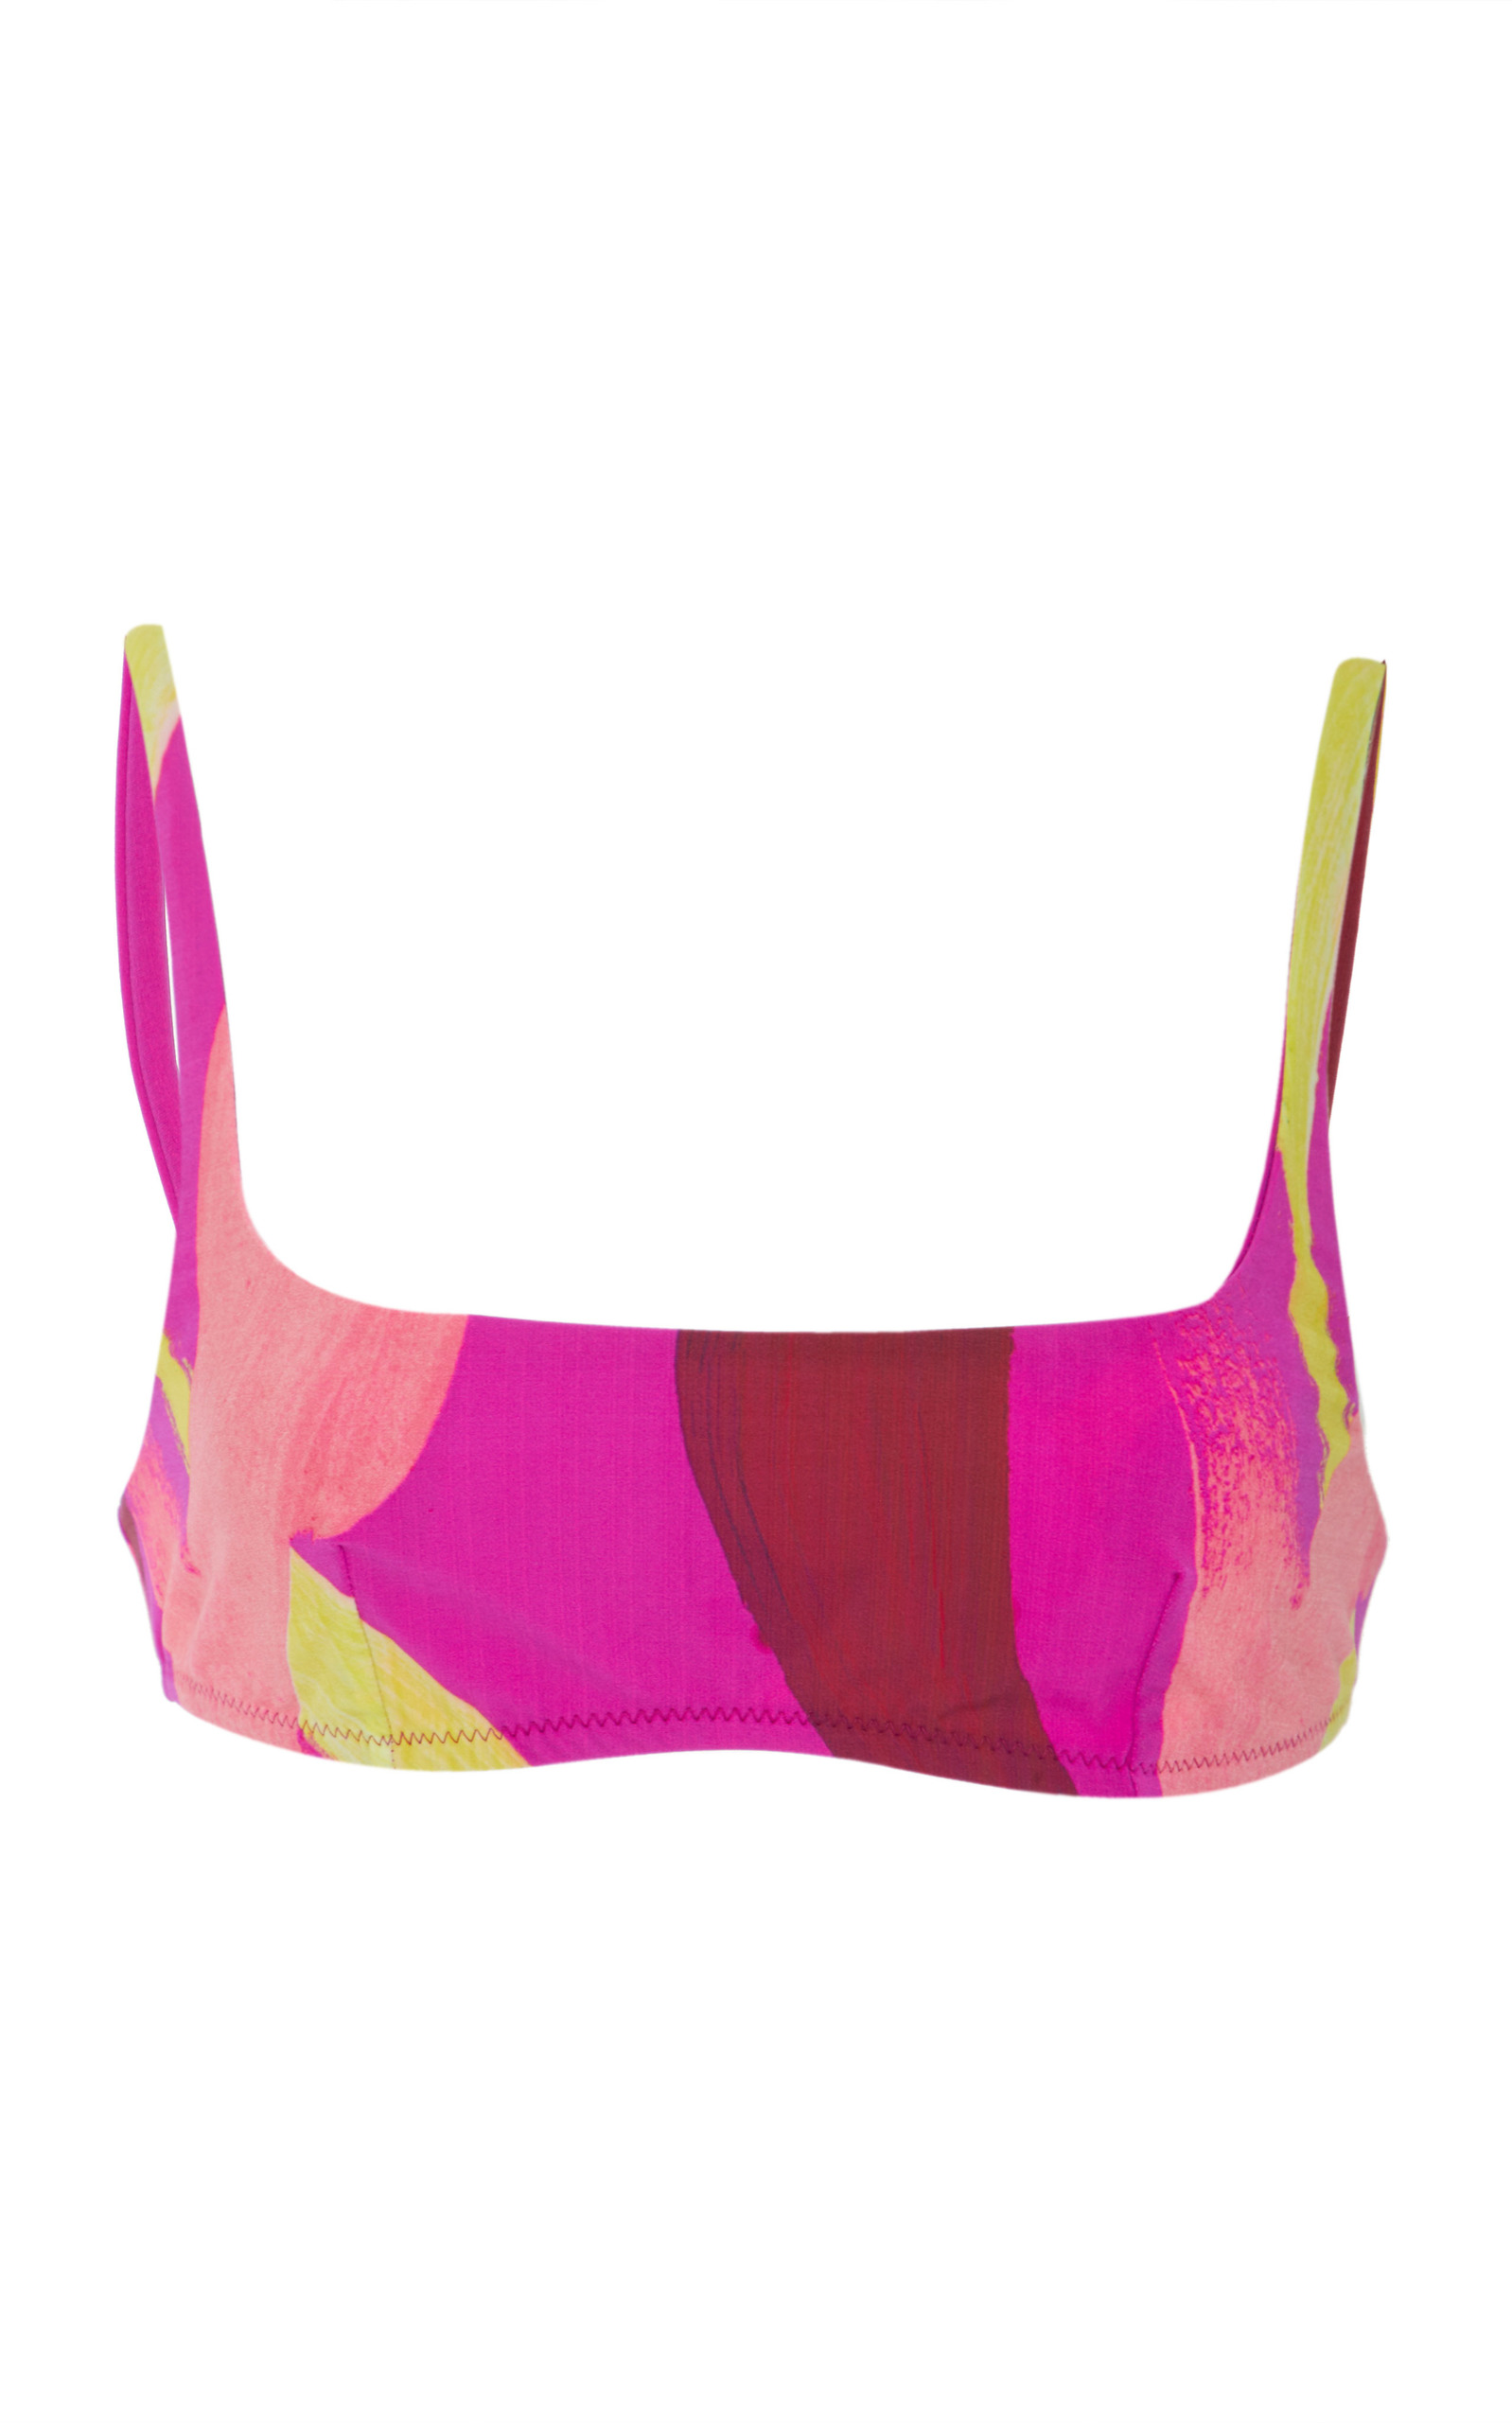 Araks Quinn Scoop Neck Bikini Top Livraison Gratuite Abordable 1F7cmgw4